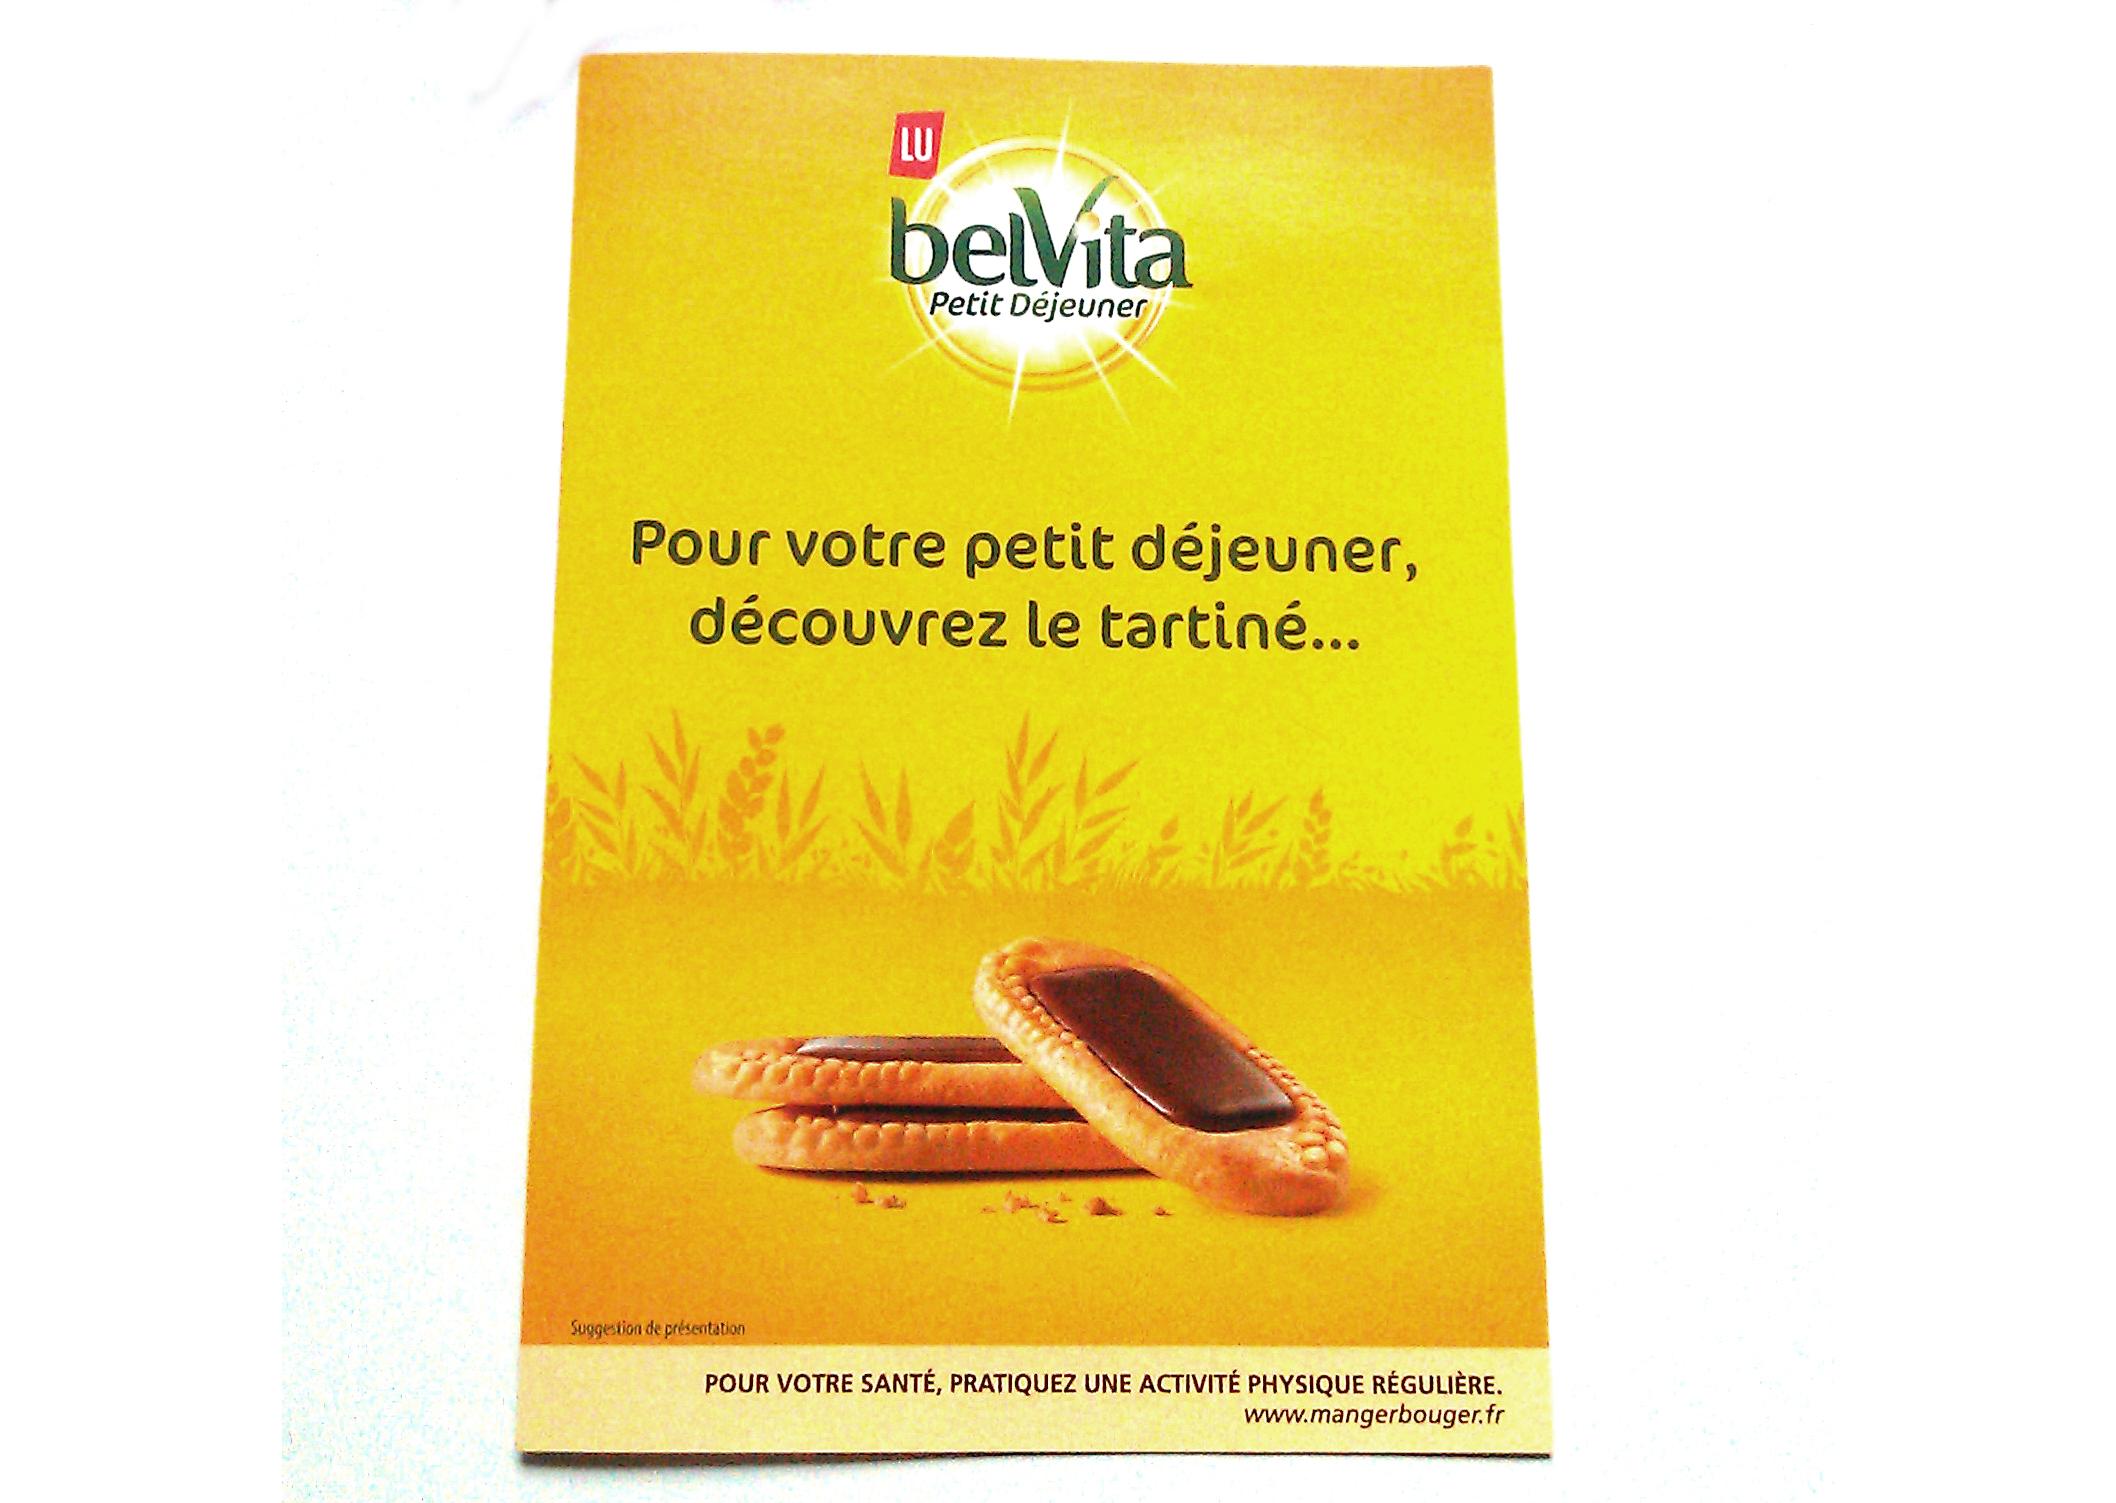 Affiche de campagne du produit Belvita de la marque Lu